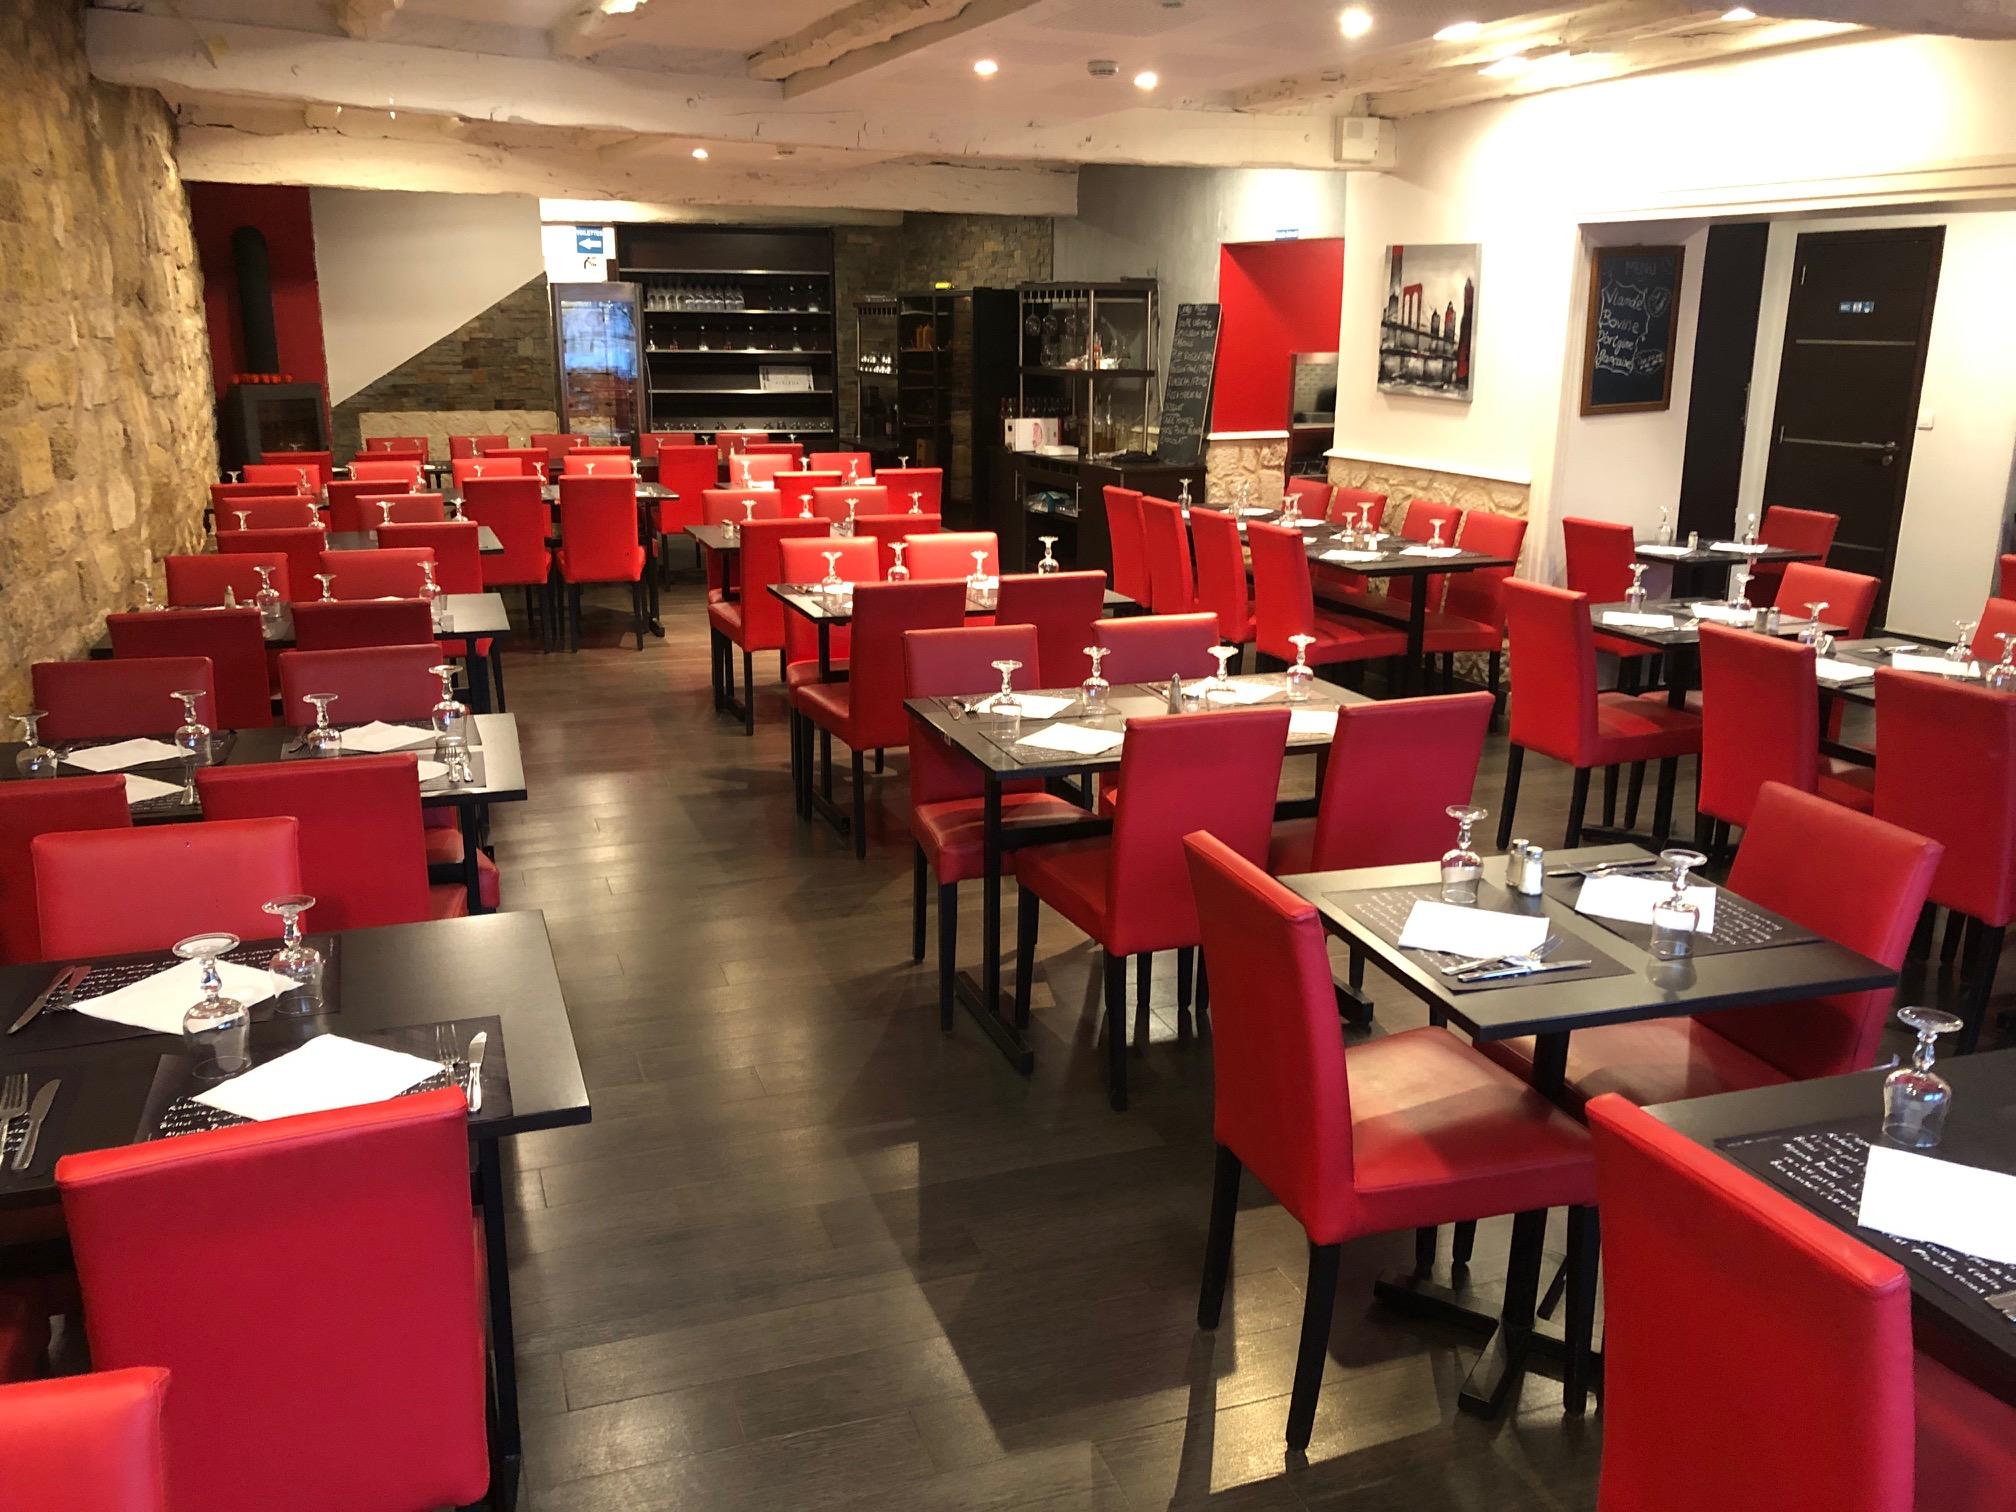 Vente Bar, restaurant, pizzeria et lounge à Cergy dans le centre ville (95000)